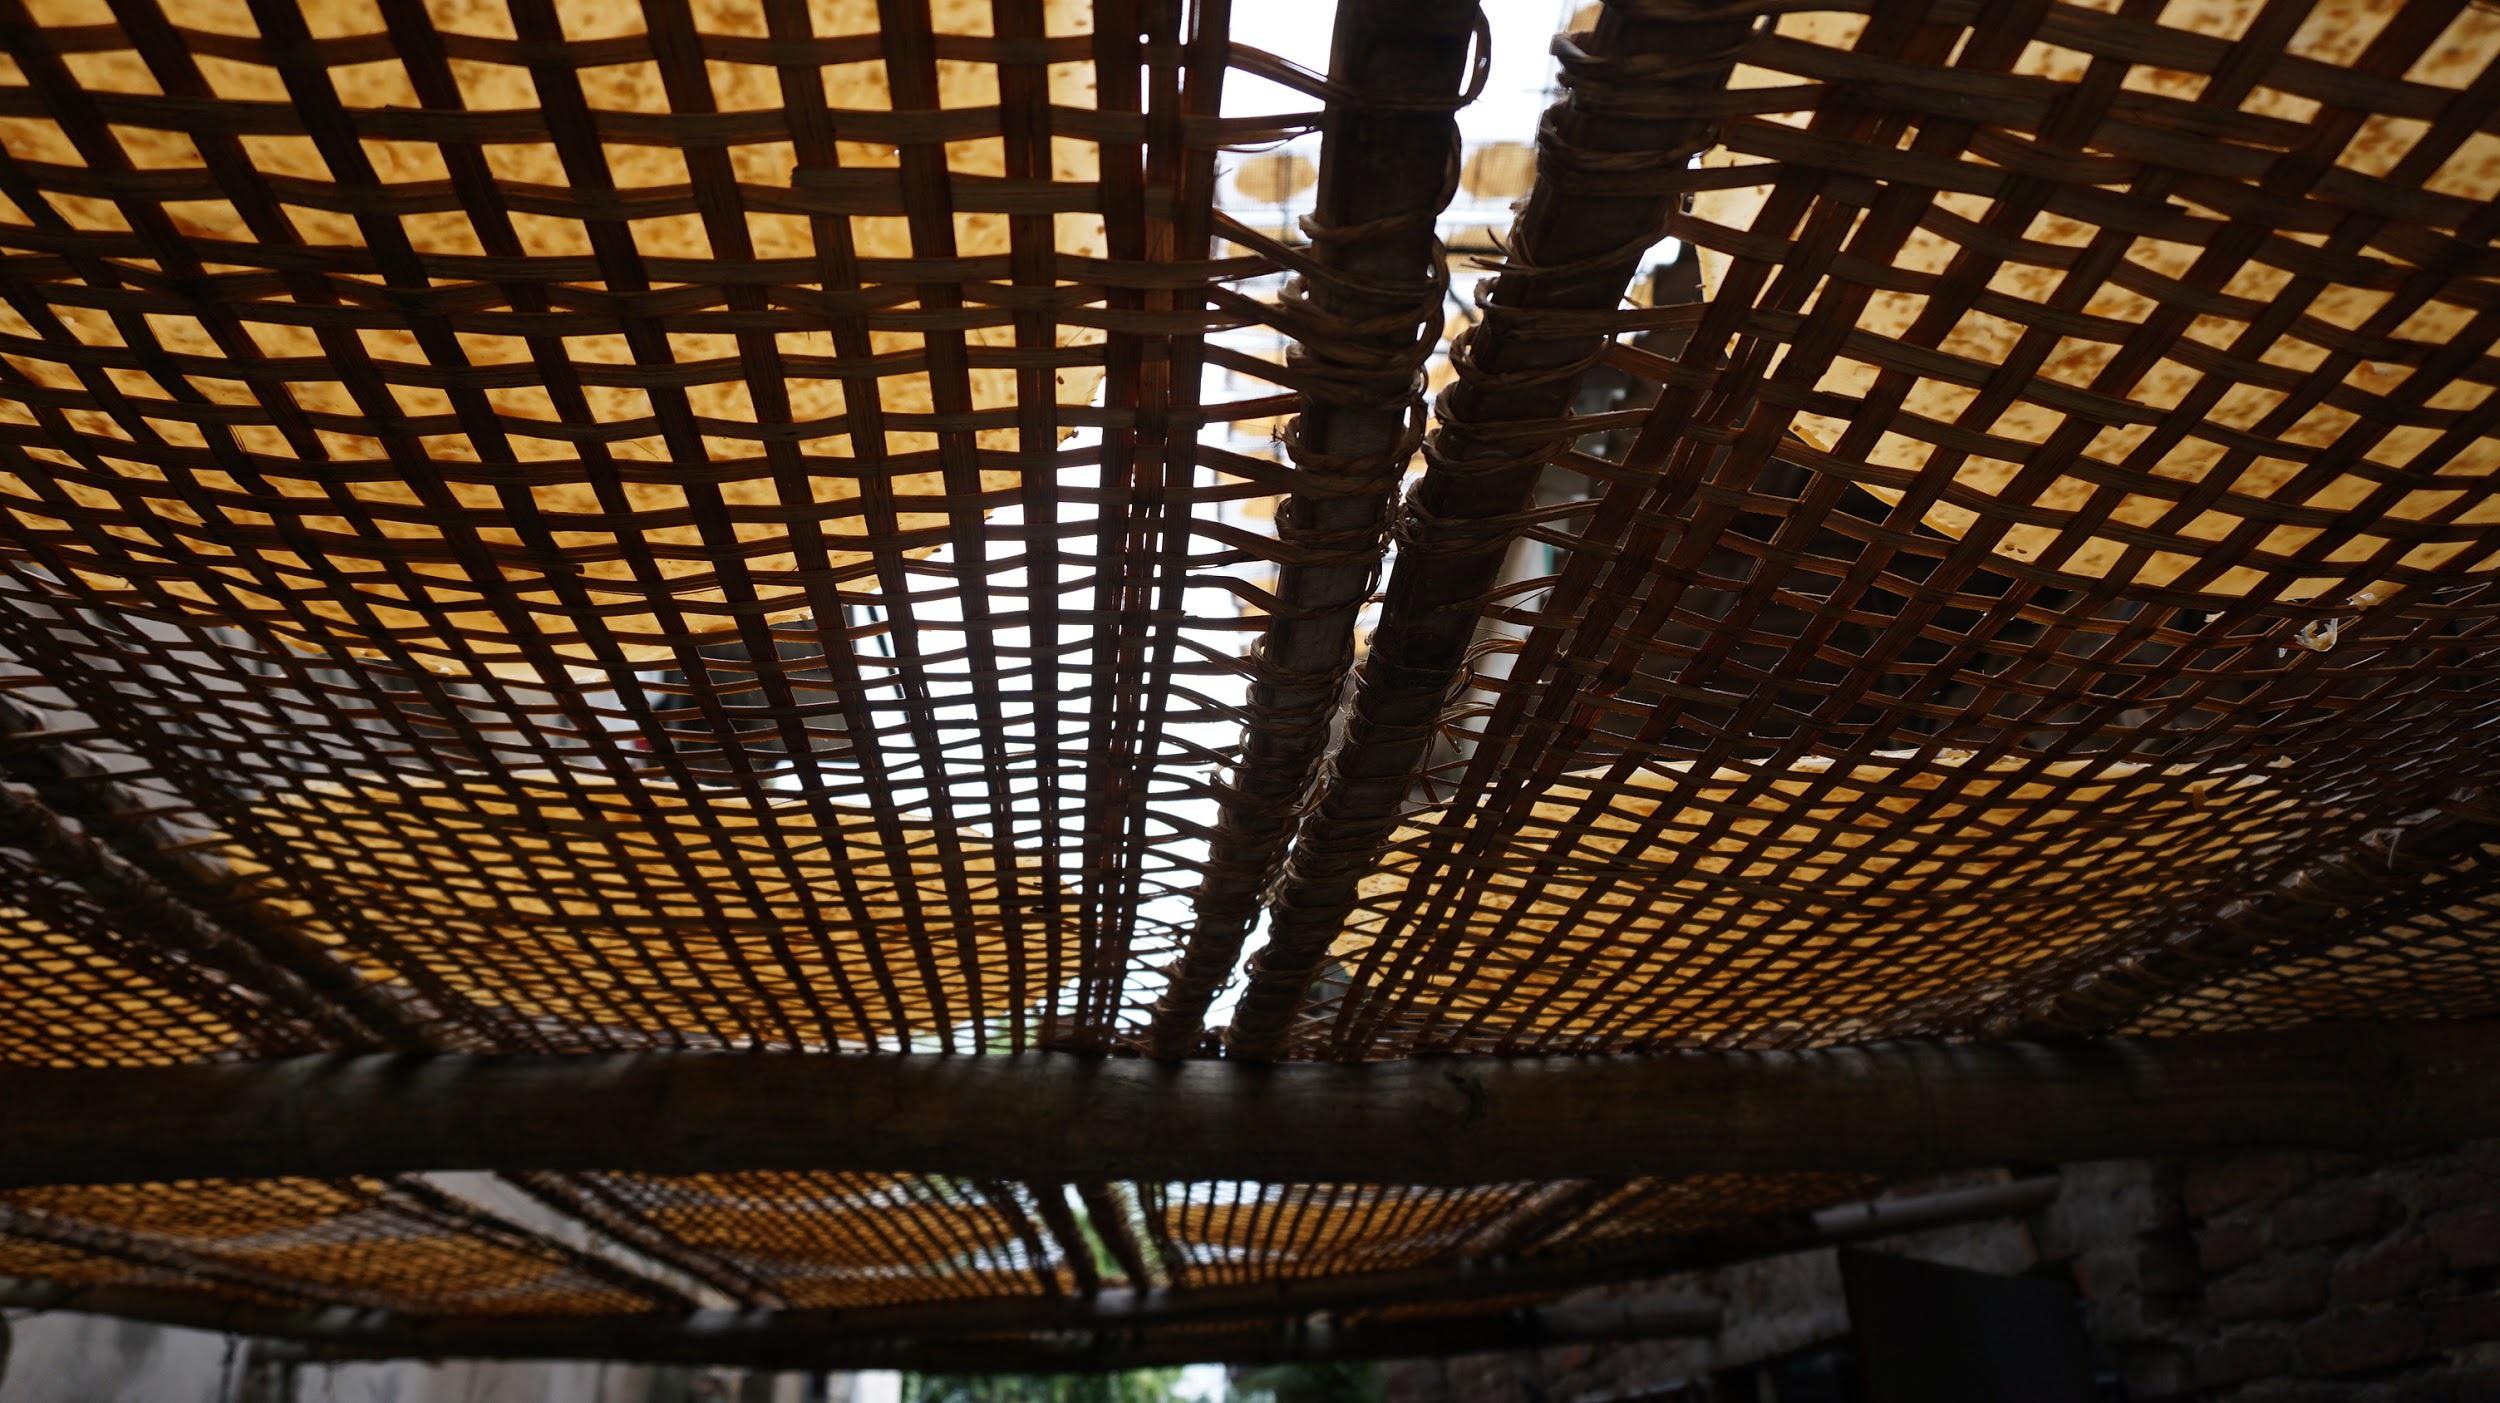 Kỳ lạ làng có những ngôi nhà xây bằng tiểu sành độc nhất ở Việt Nam - 12